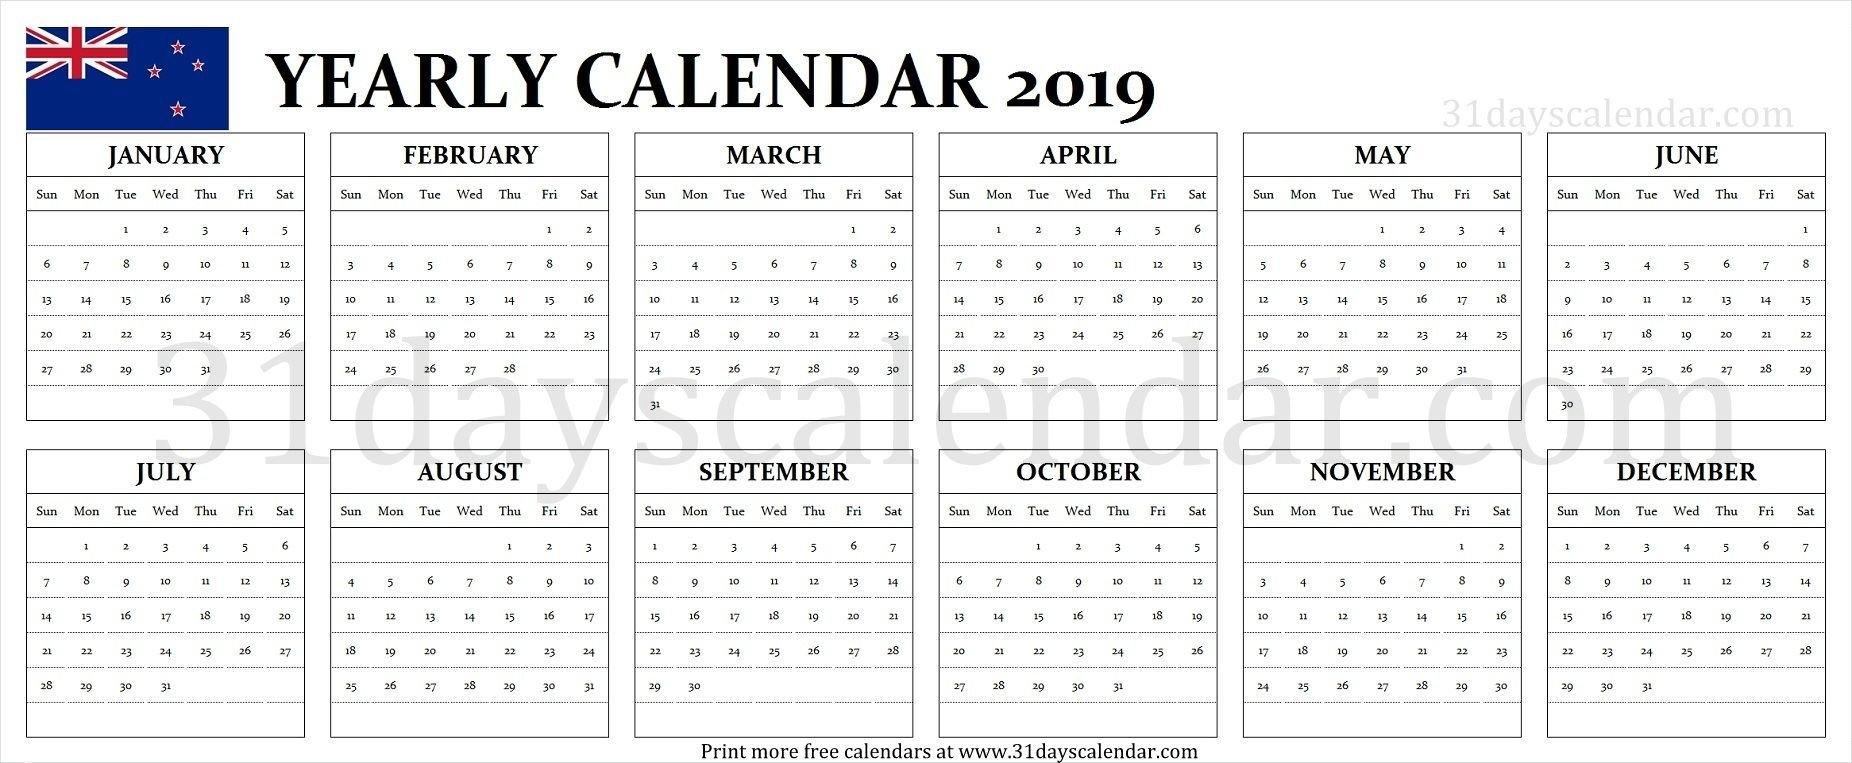 Nz 2019 Calendar | Calendar 2019 Nz | Pinterest | Calendar, 2019 2019 Calendar Nz